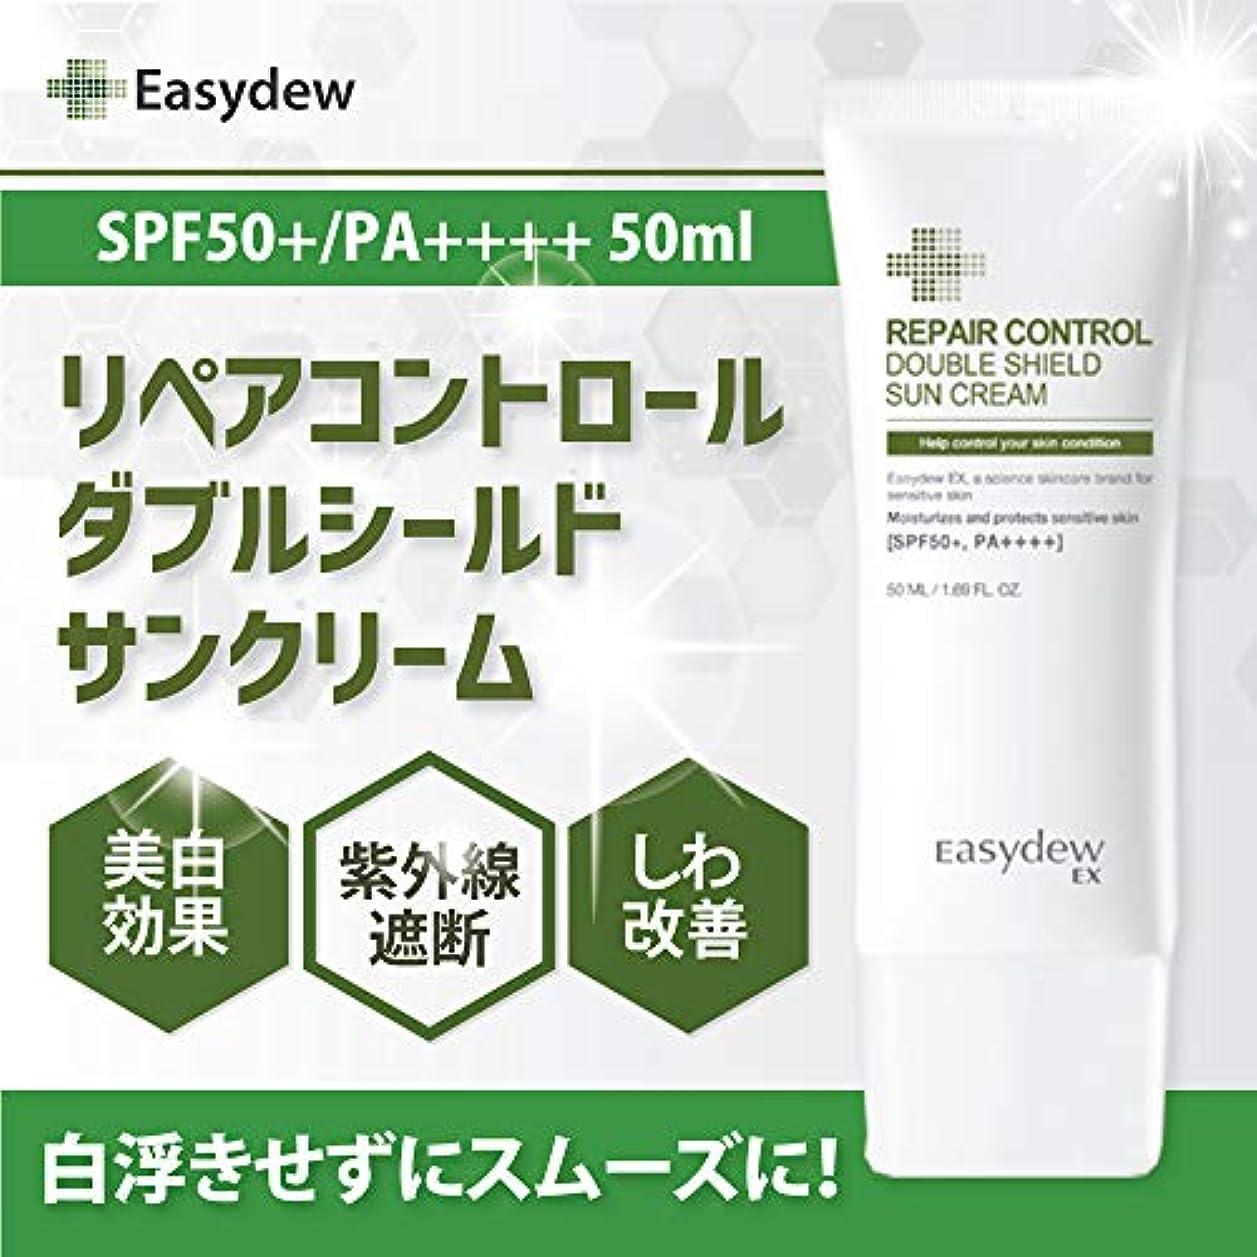 ニュース回転する通常デウン製薬 リペア コントロール ダブル シールド サン?クリーム SPF50+/PA++++ 50ml. Repair Control Double Shild Sun Cream SPF50+/PA++++ 50ml.